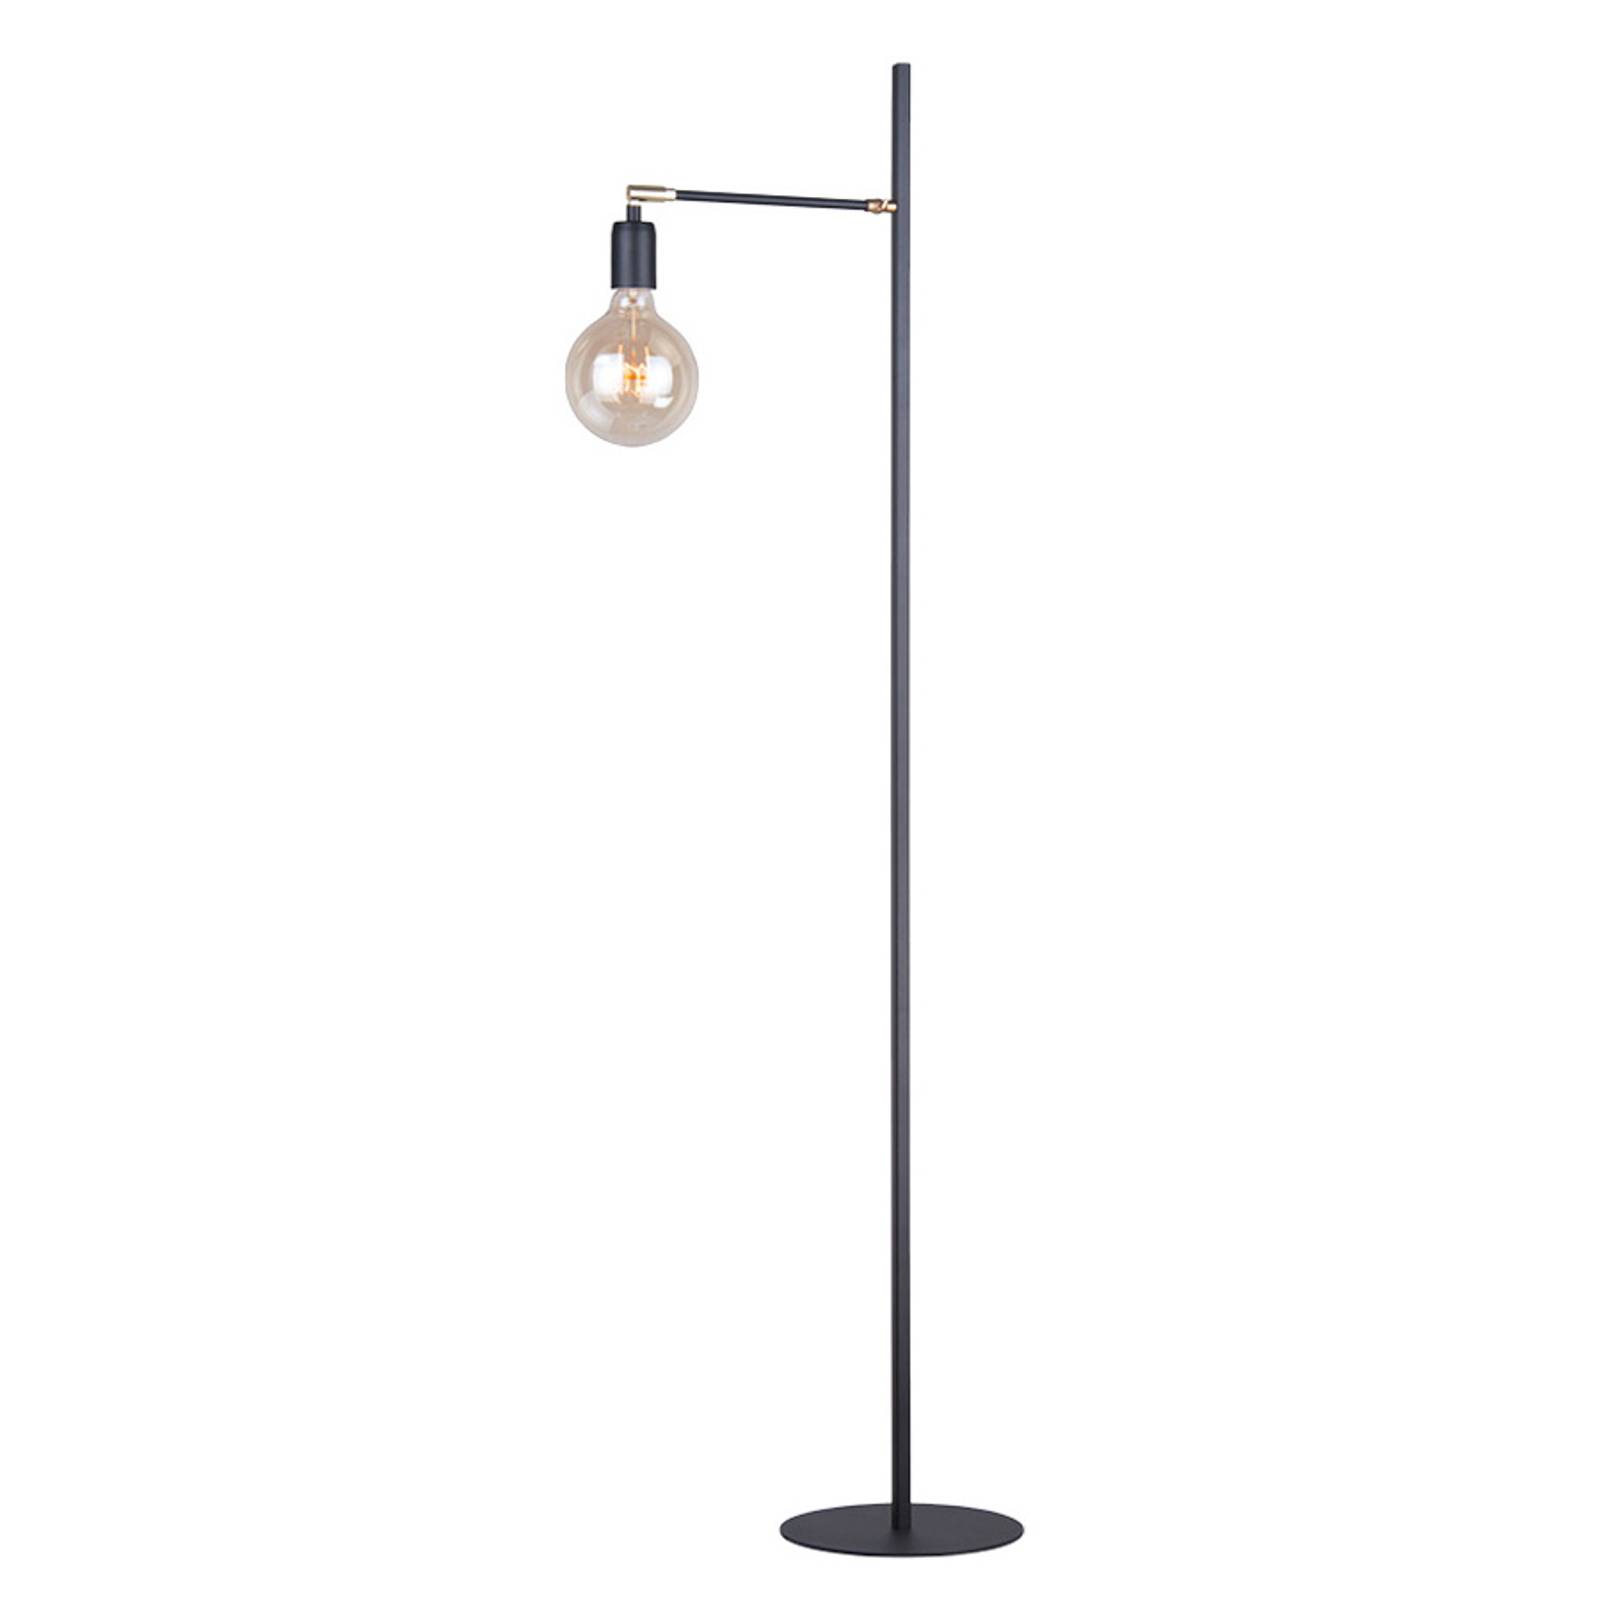 Vloerlamp Stik met scharnieren, zwart